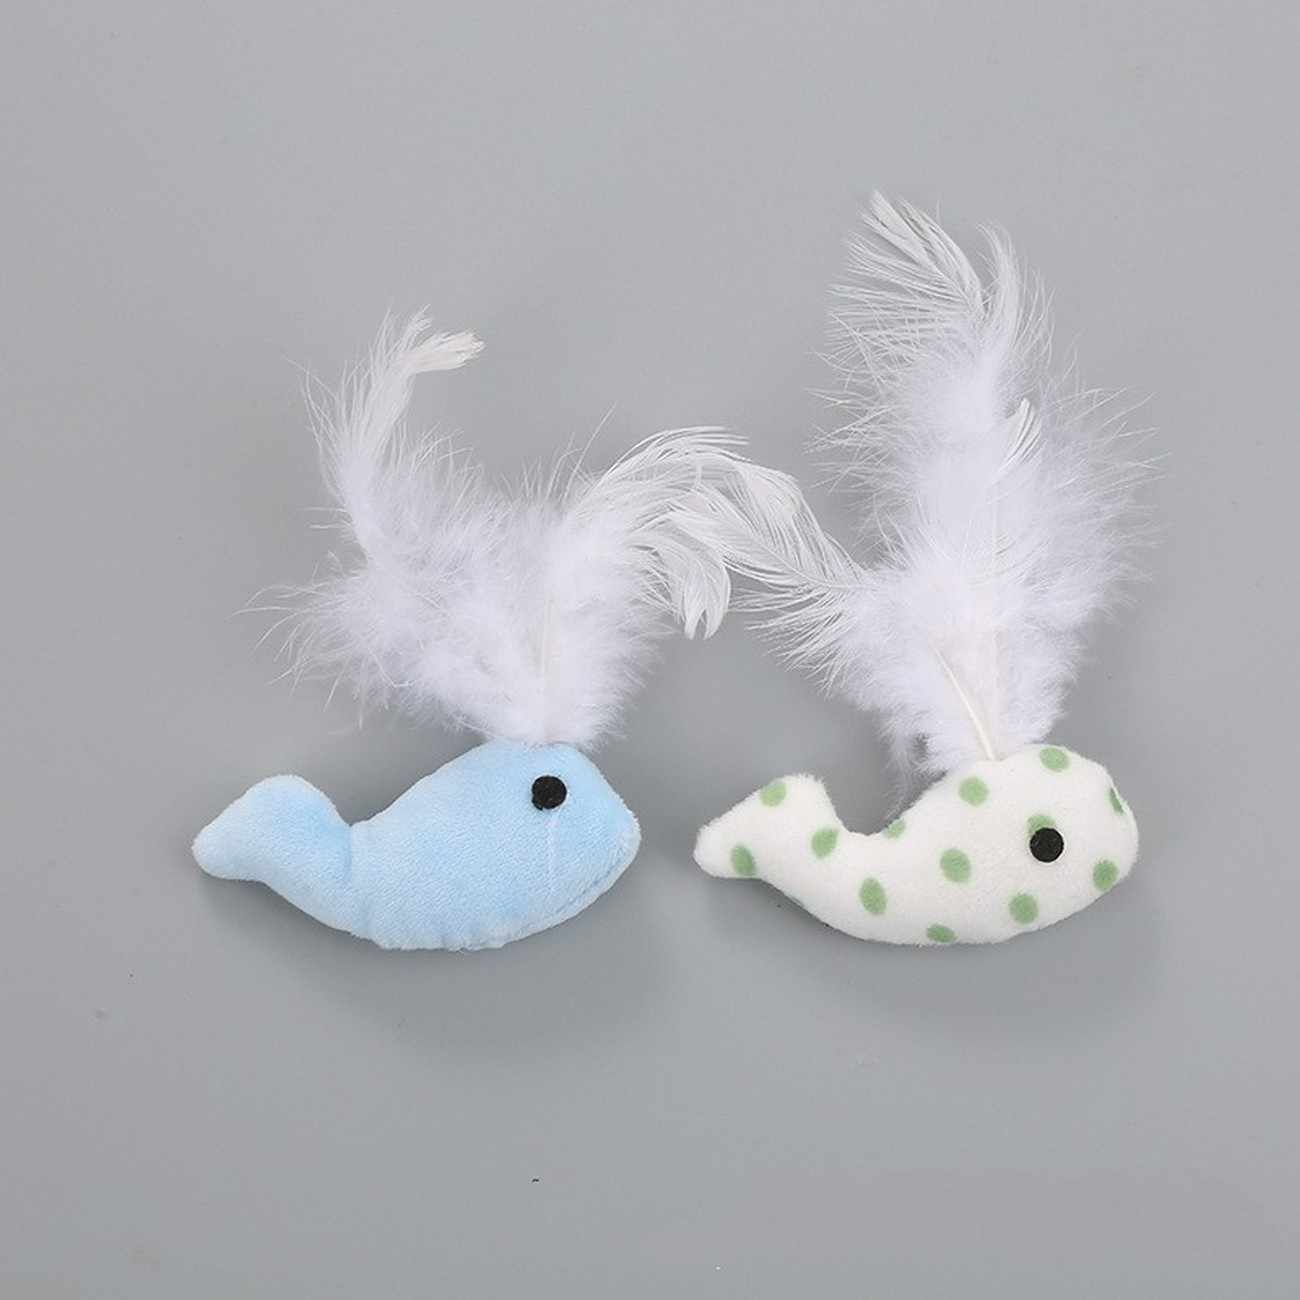 1 sztuk 18cm kot zabawki dla zwierząt domowych prawdziwe futro kot długowłosy pióra ogona na myszy szczury królik zabawki dla psów i kotów